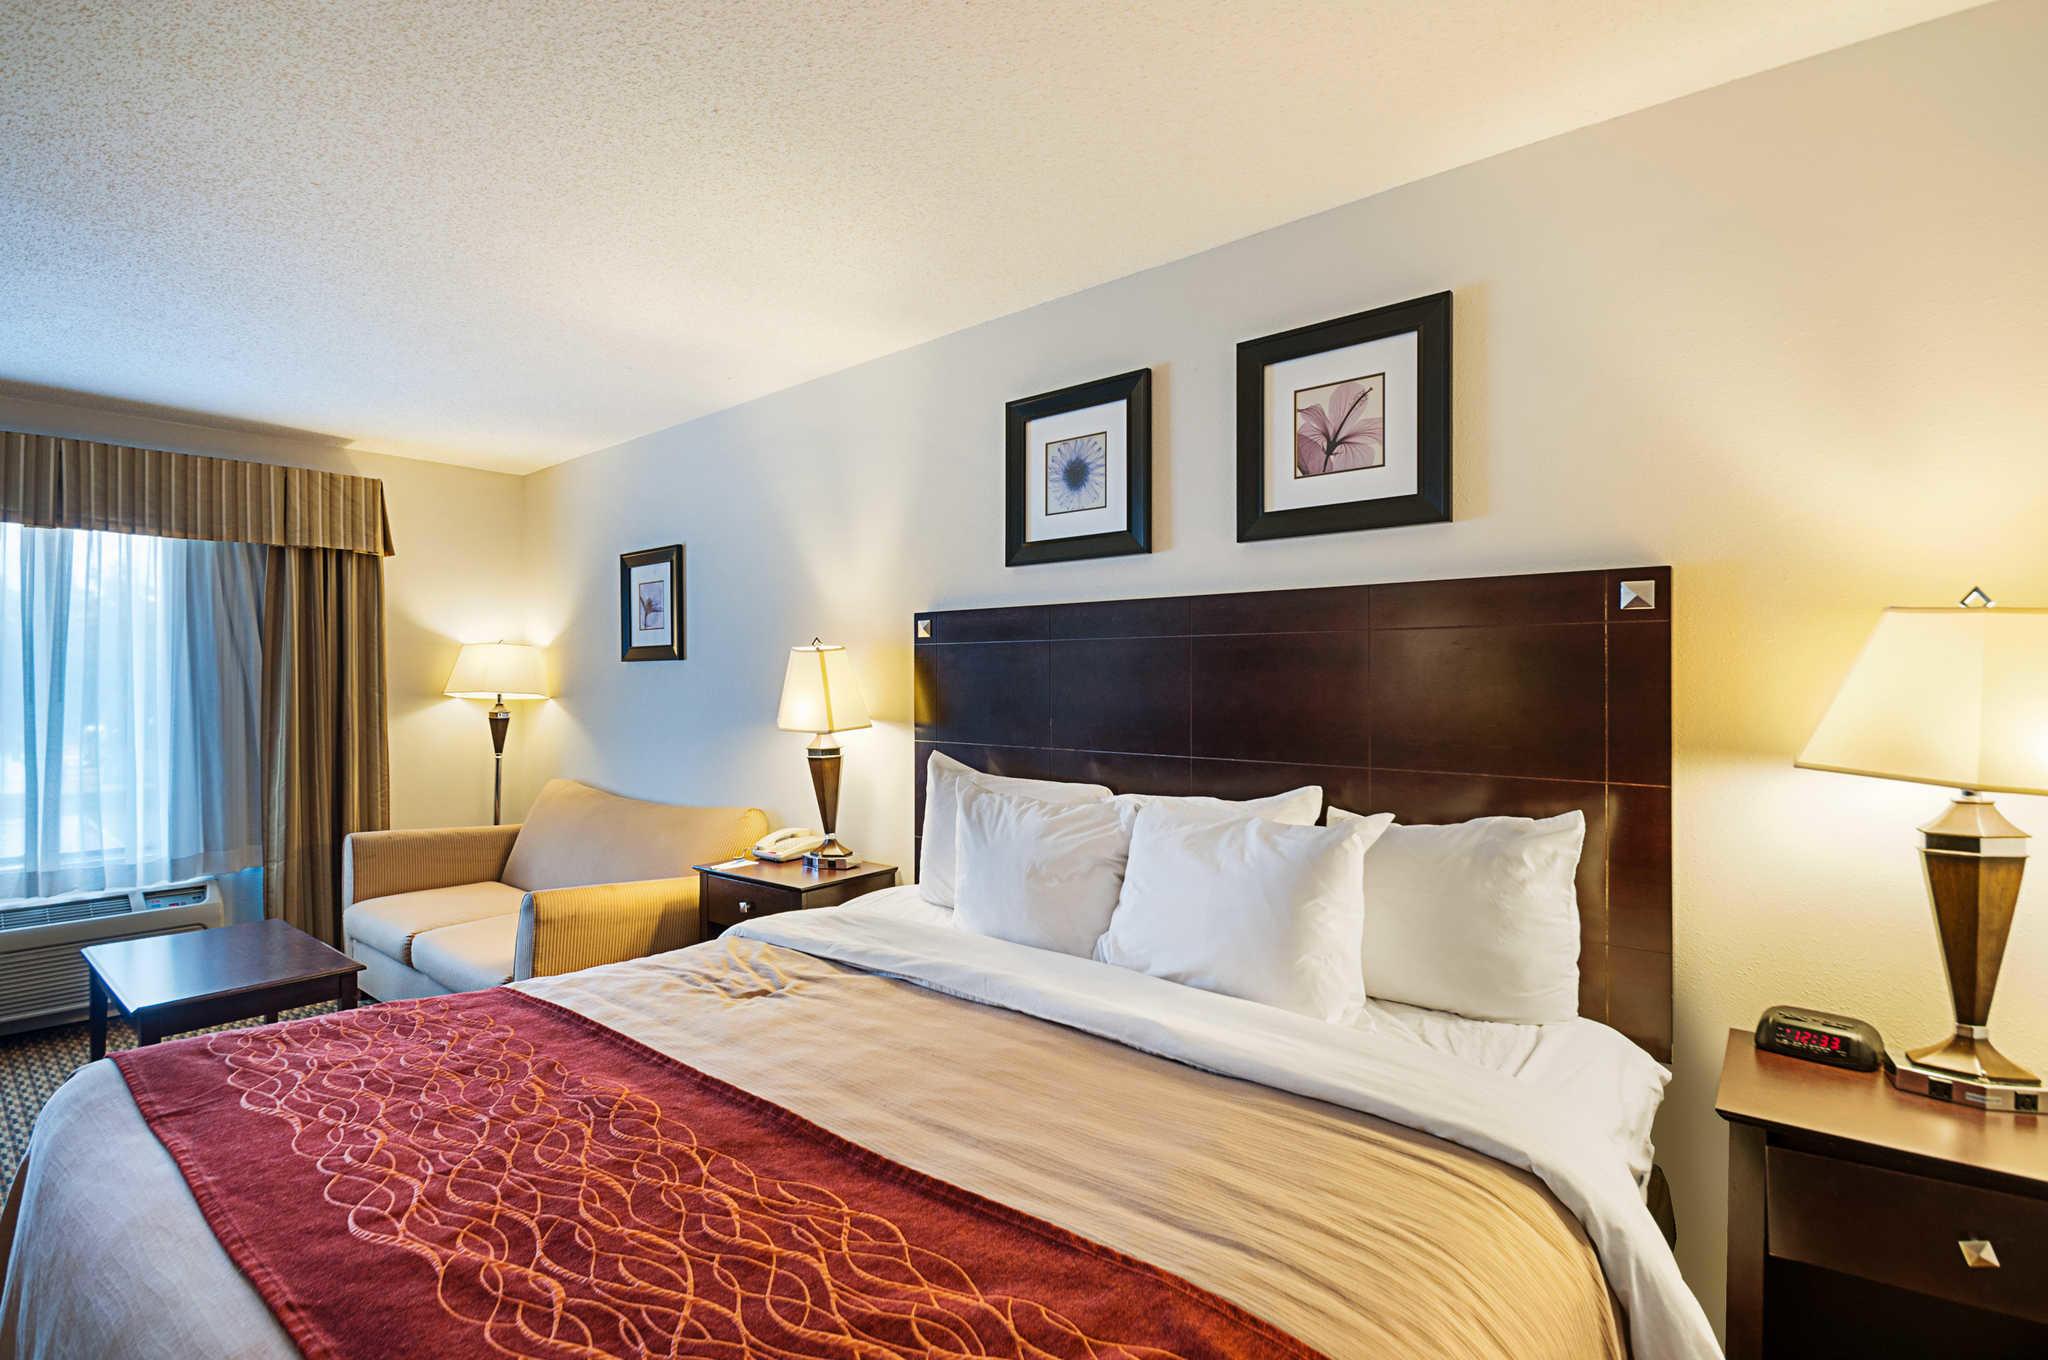 Comfort Inn & Suites Cambridge image 8